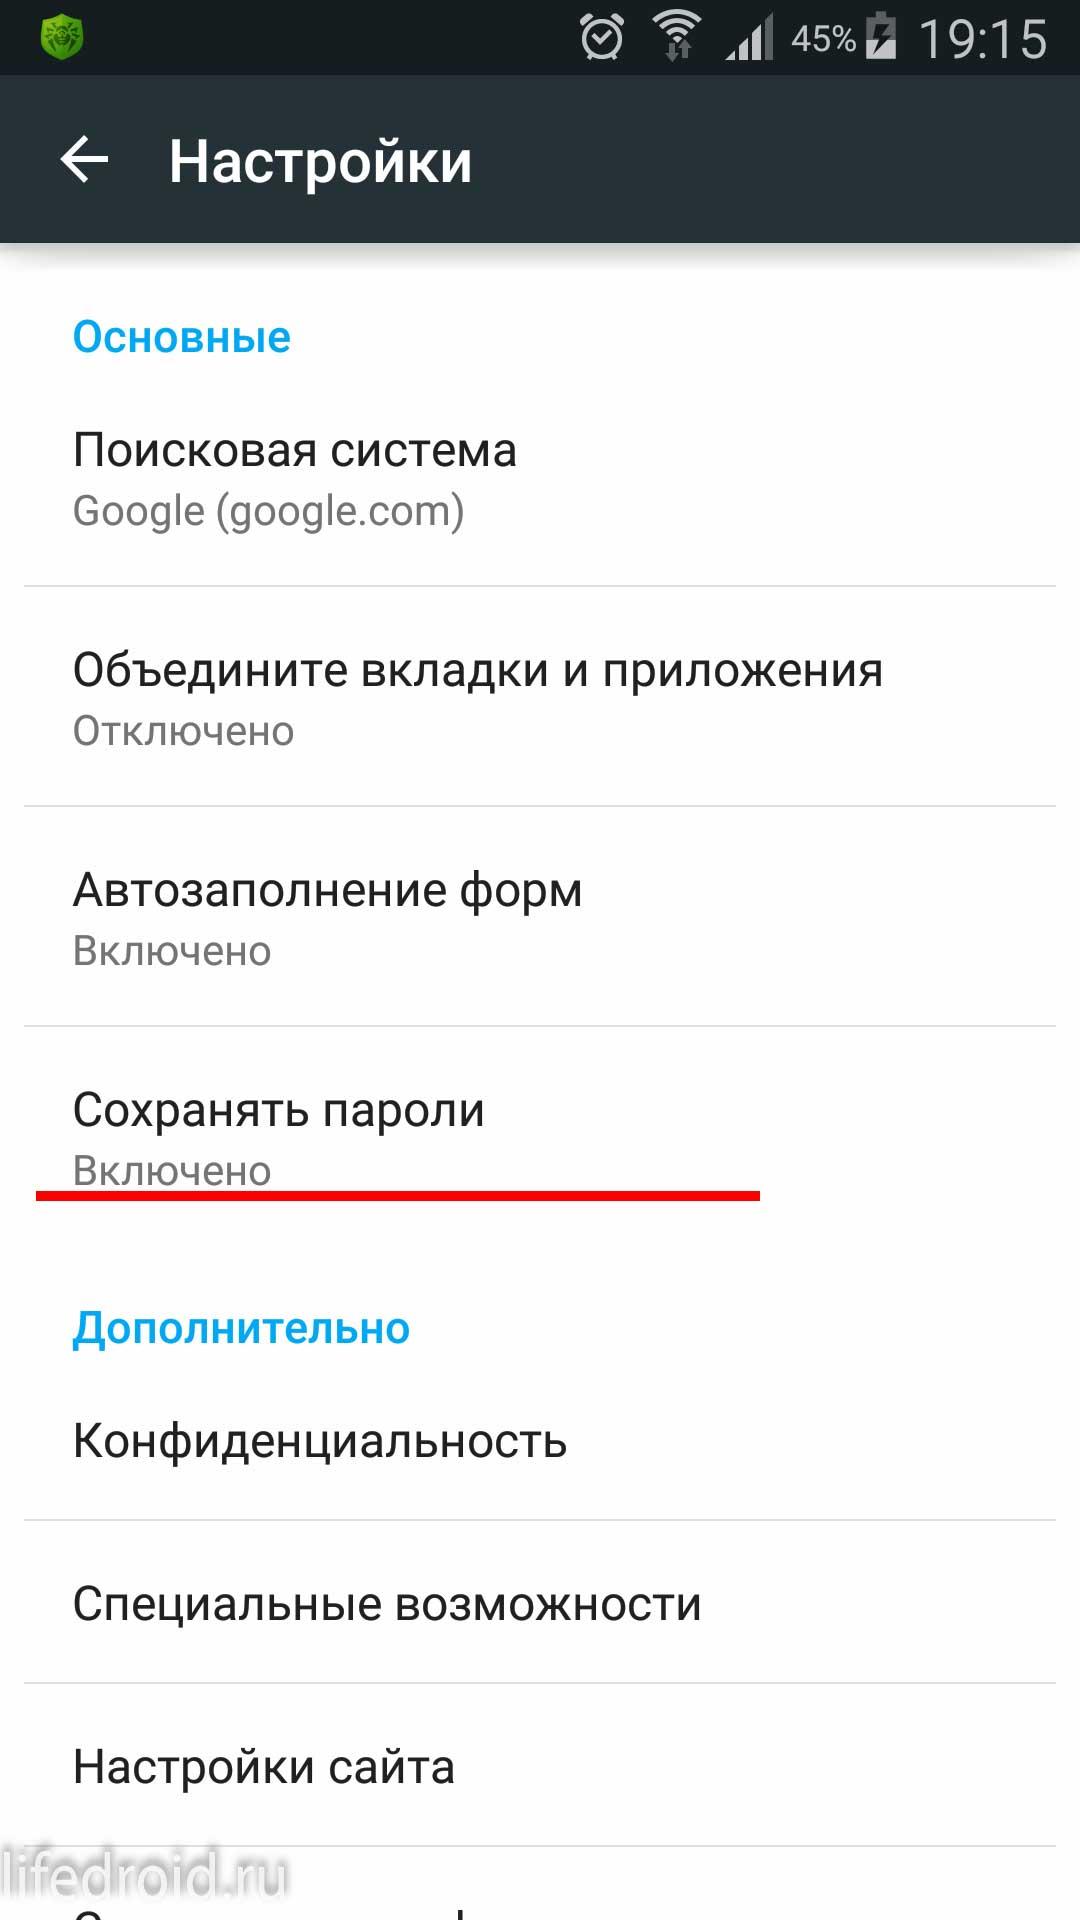 Сохранение паролей в Андроид